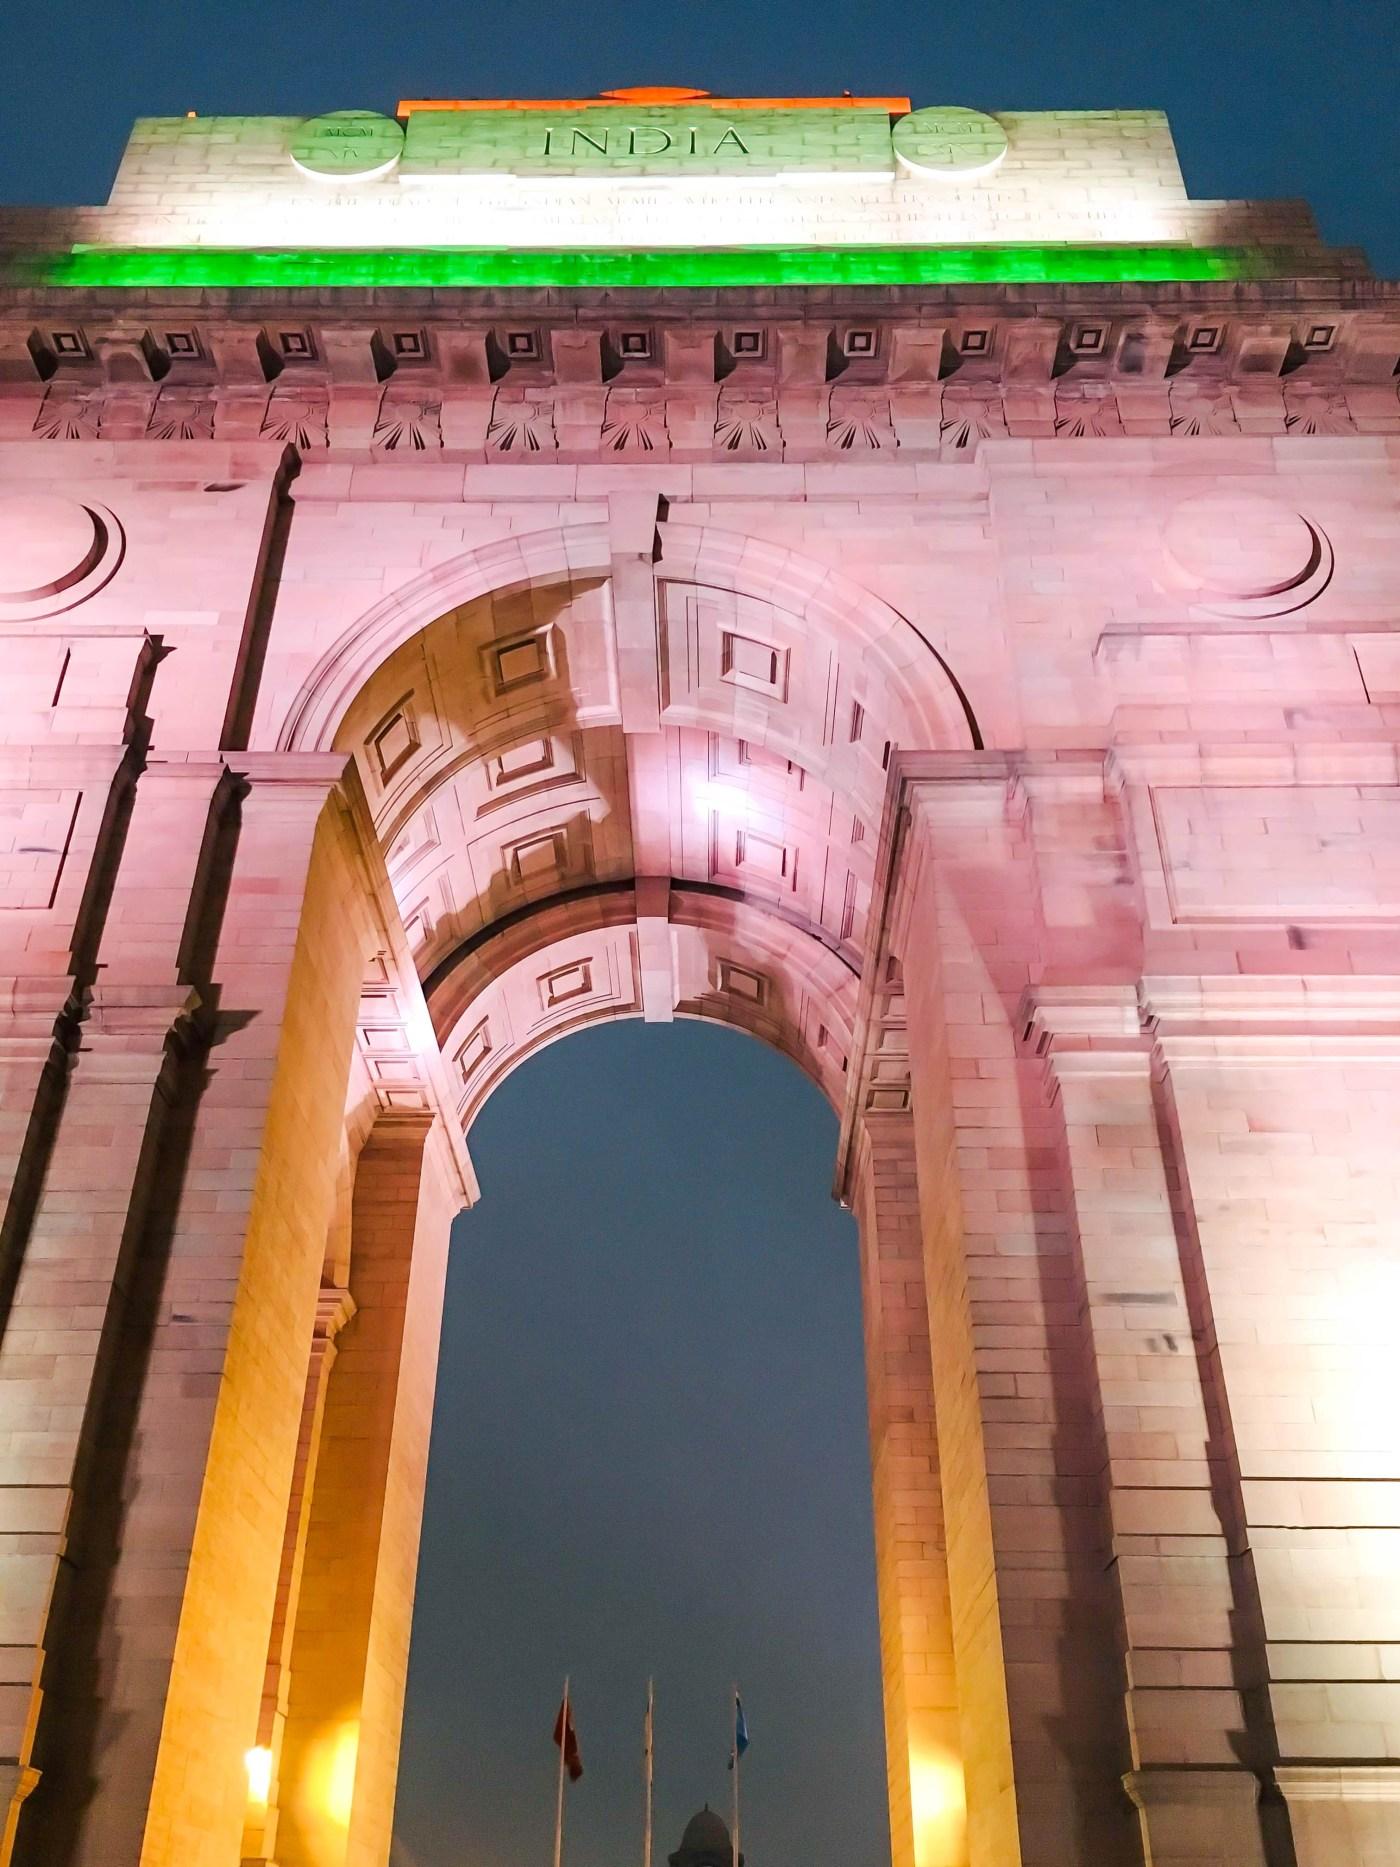 India Gate - Closeup